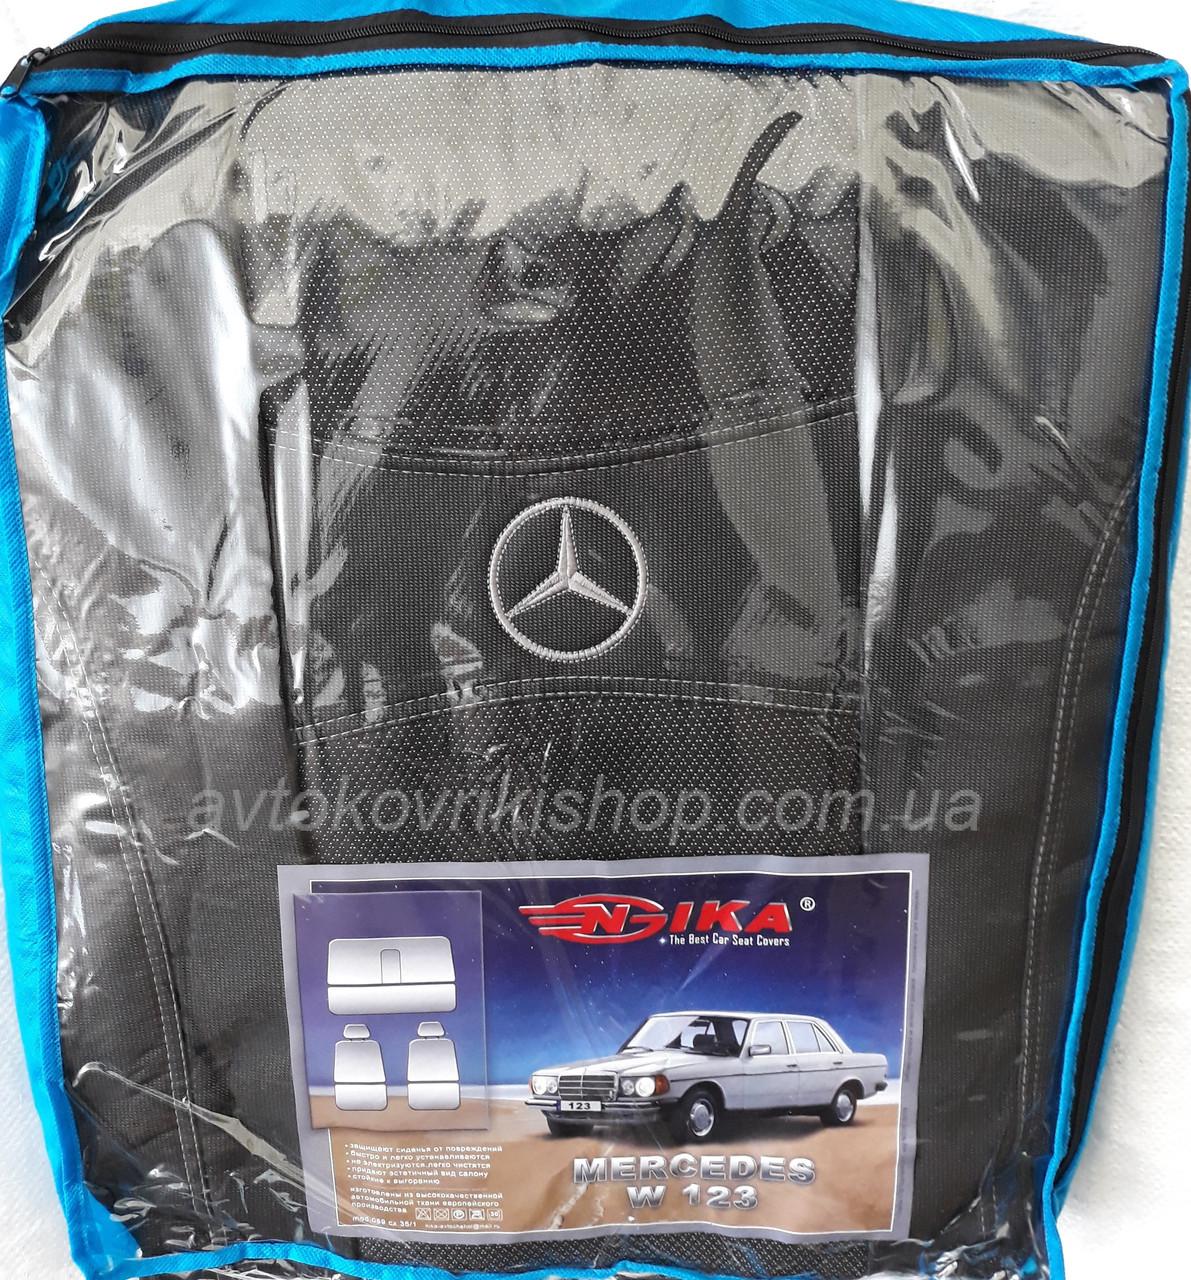 Авточехлы Mercedes-Benz W123 1976-1985 Nika